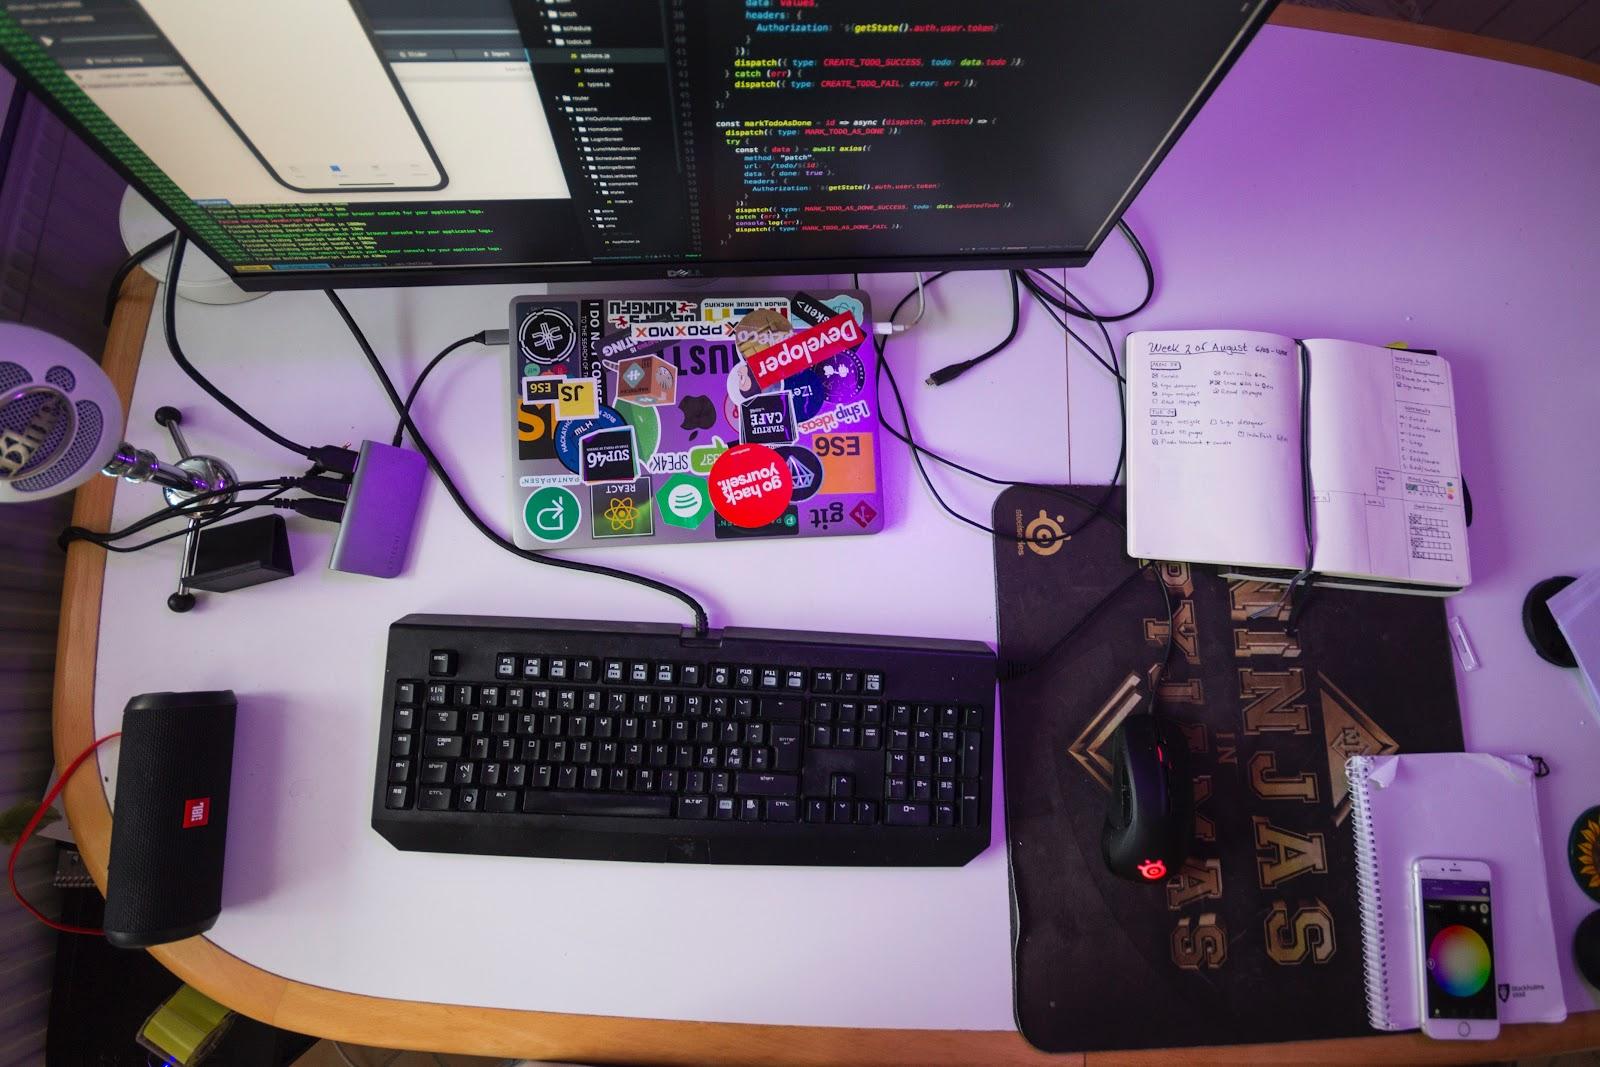 Laptop on a desk.